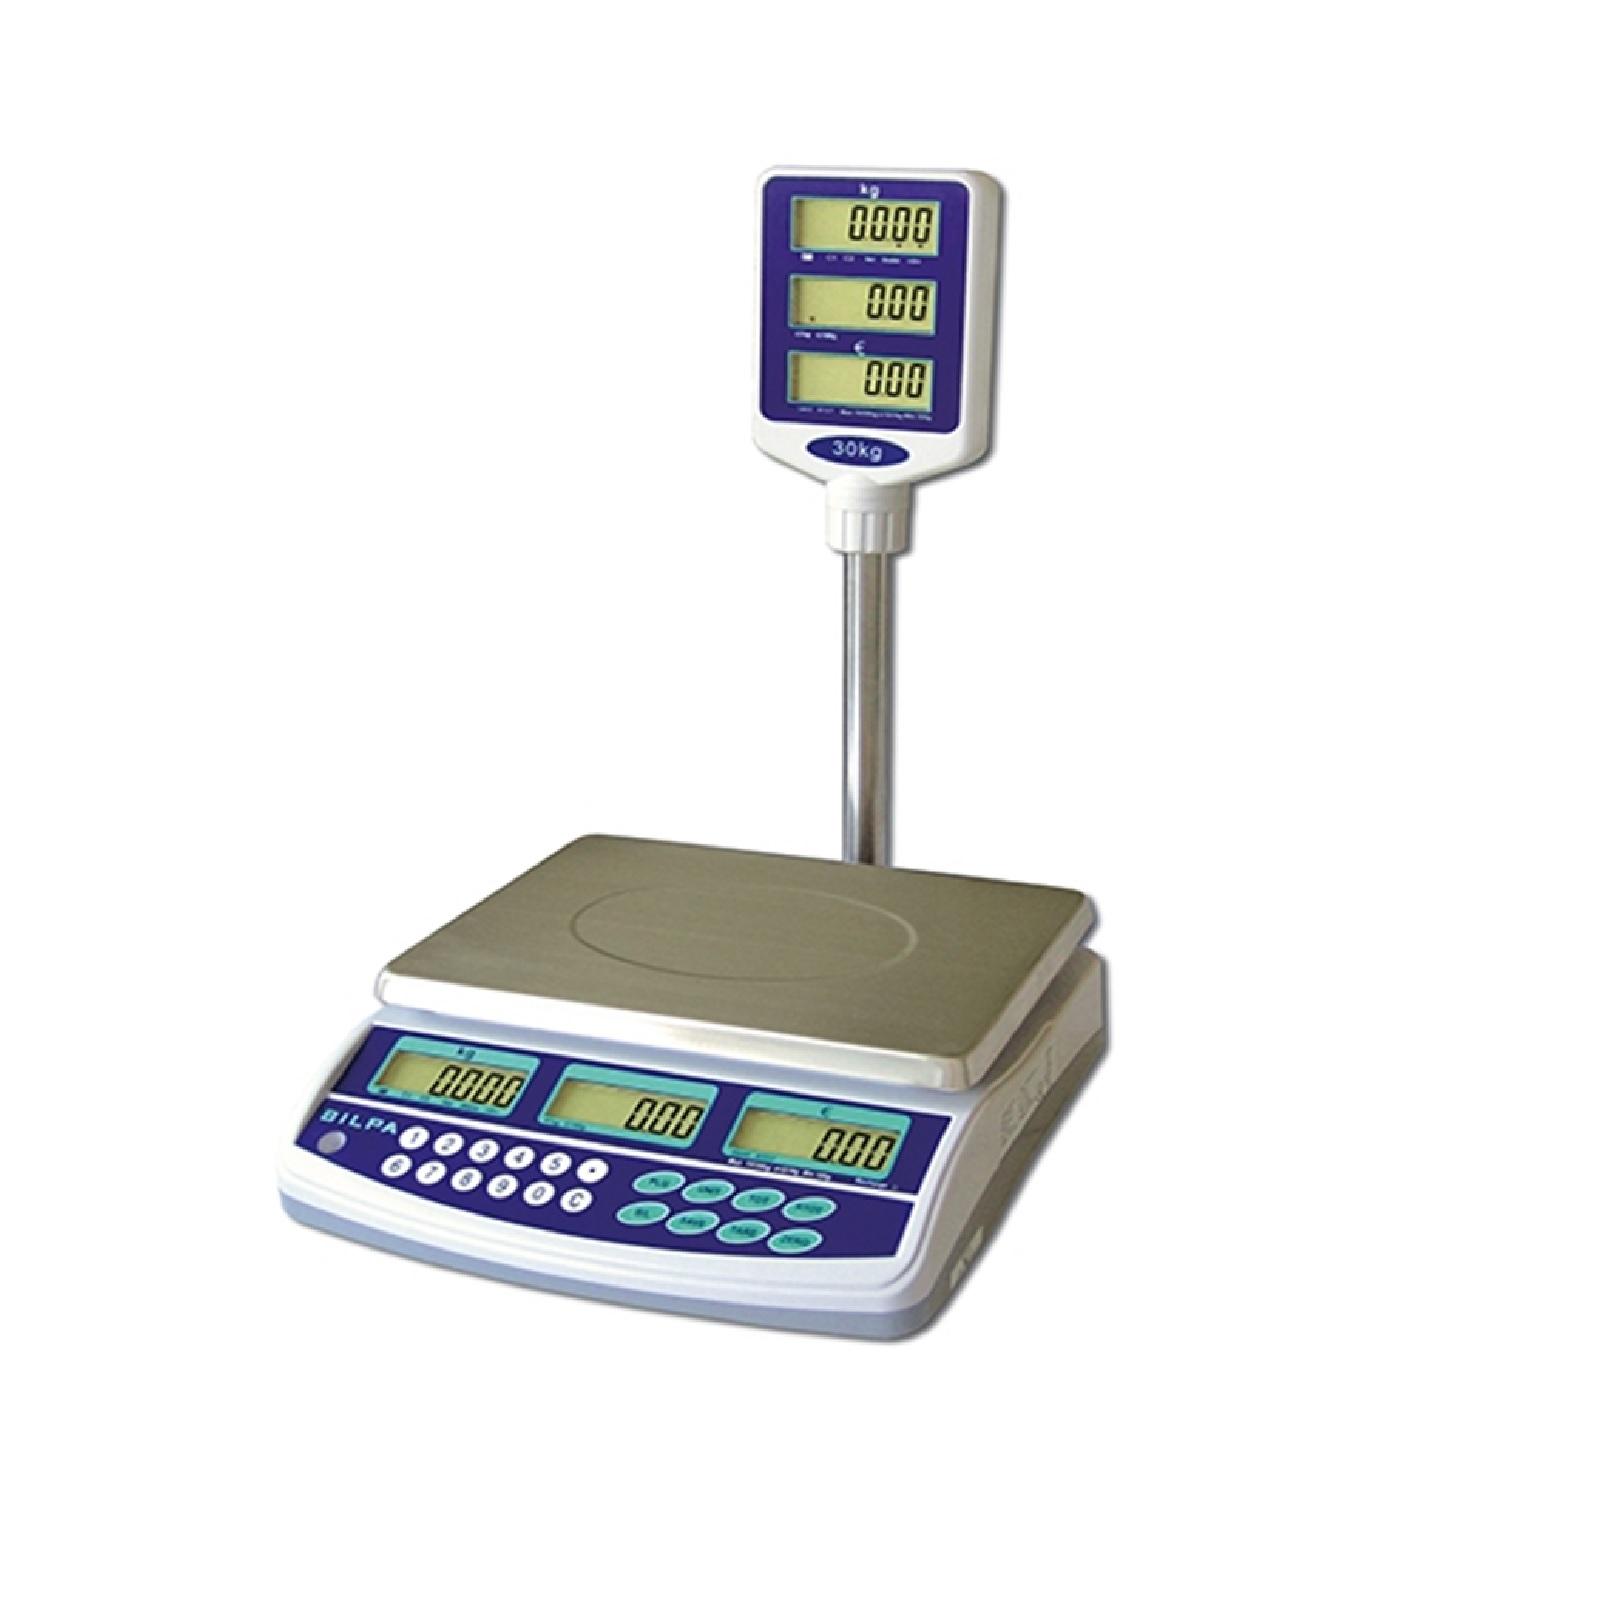 Bilance Per Negozi Alimentari Usate.Bilance Elettroniche Digitali Da Banco Peso Prezzo Importo Omologata